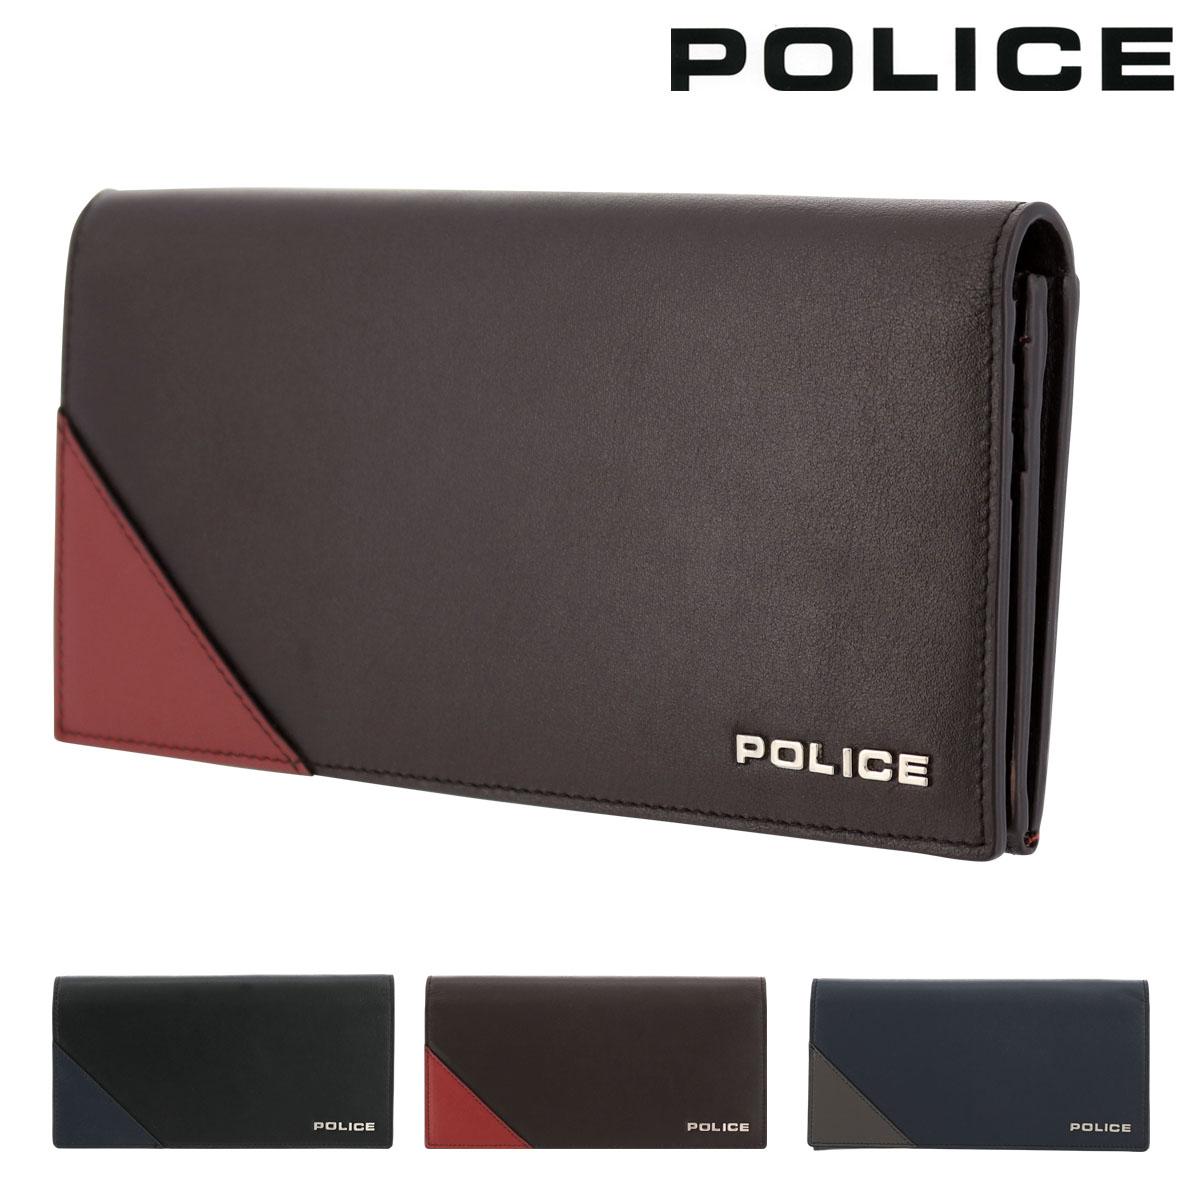 ポリス 長財布 アルバーノ メンズPA70102 POLICE | 本革 レザー ブランド専用BOX付き[bef]